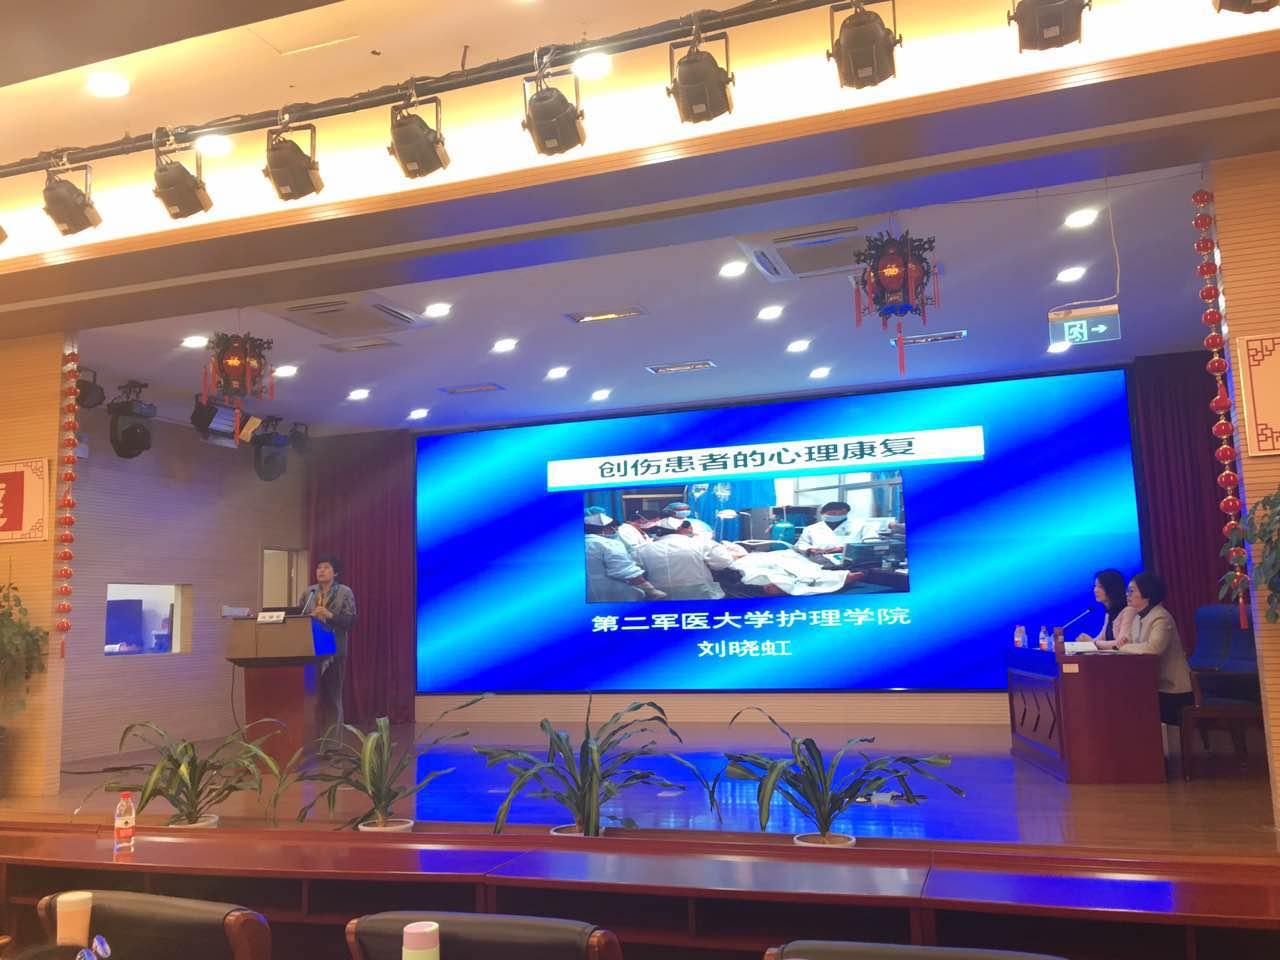 上海二级乙等医院_上海市浦东新区周浦医院